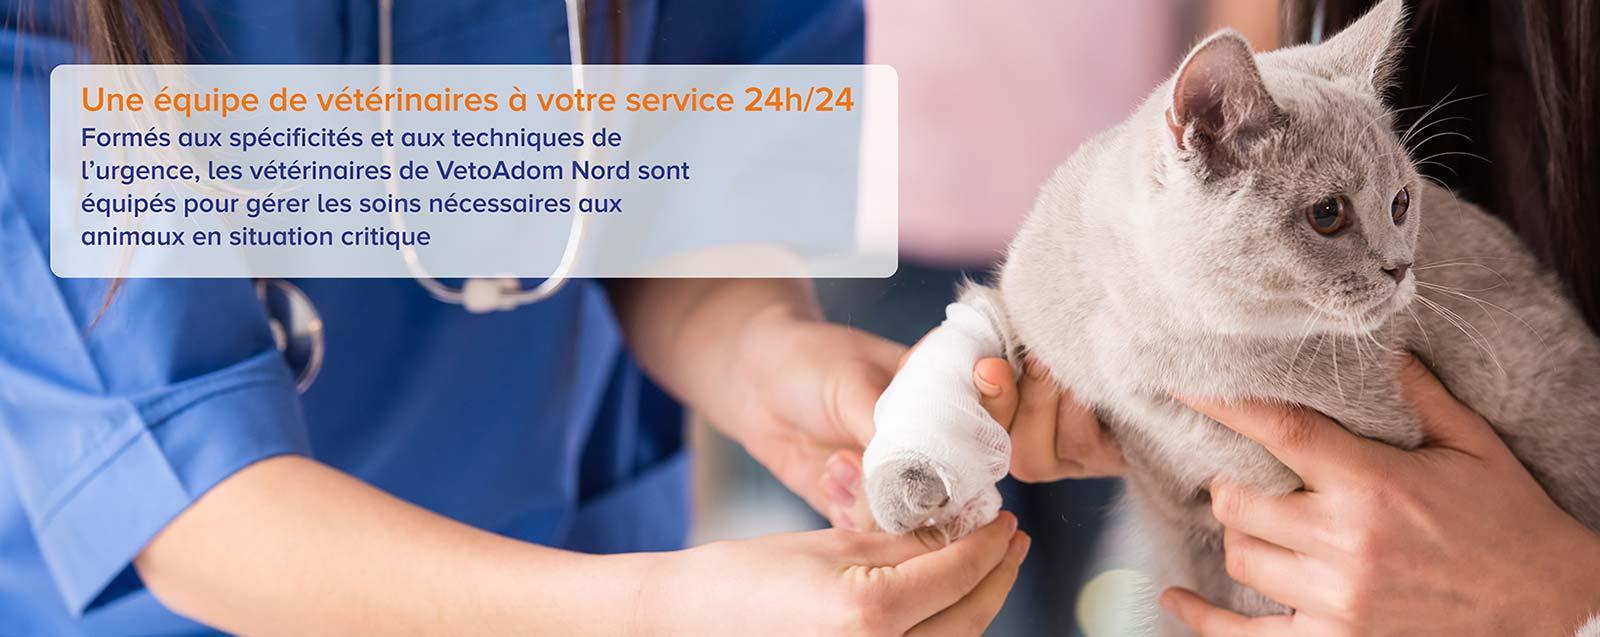 VETOADOM NORD - Urgence vétérinaire à domicile 10h/10 – Lille et